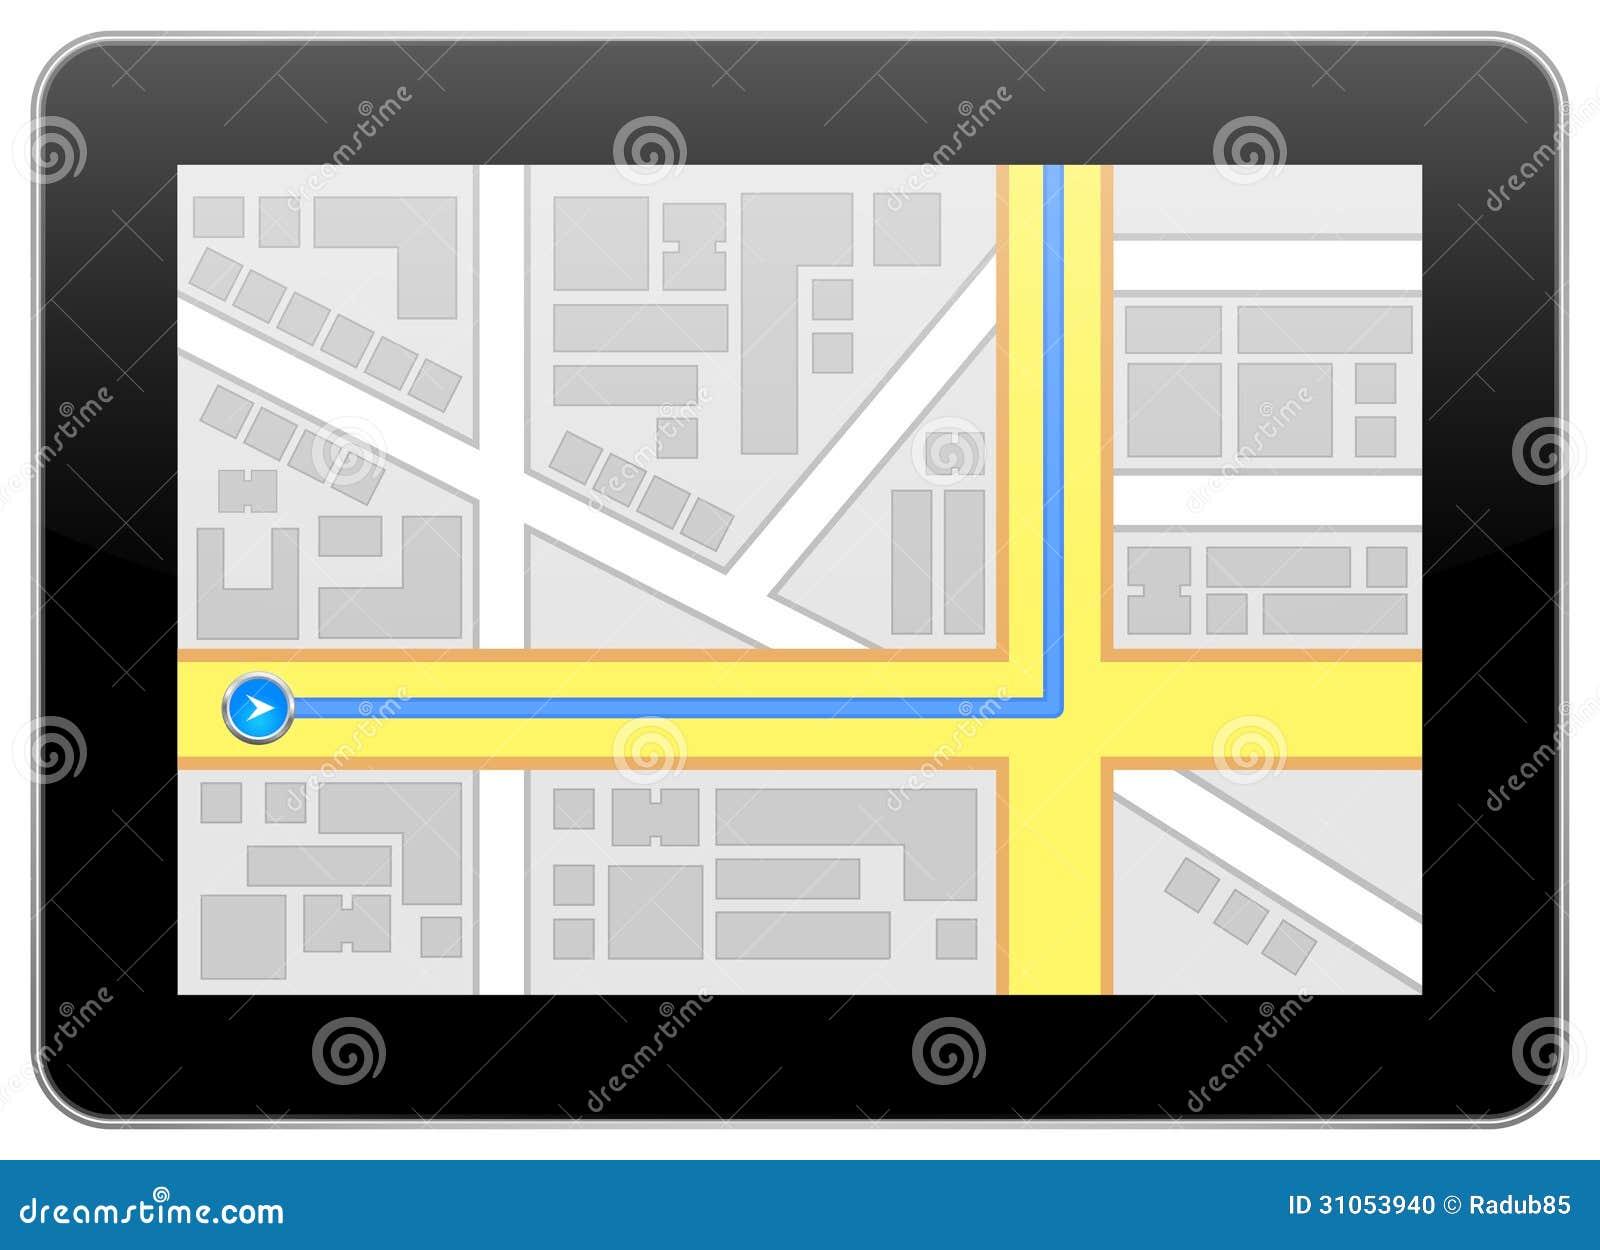 Download Google Maps Navigation on